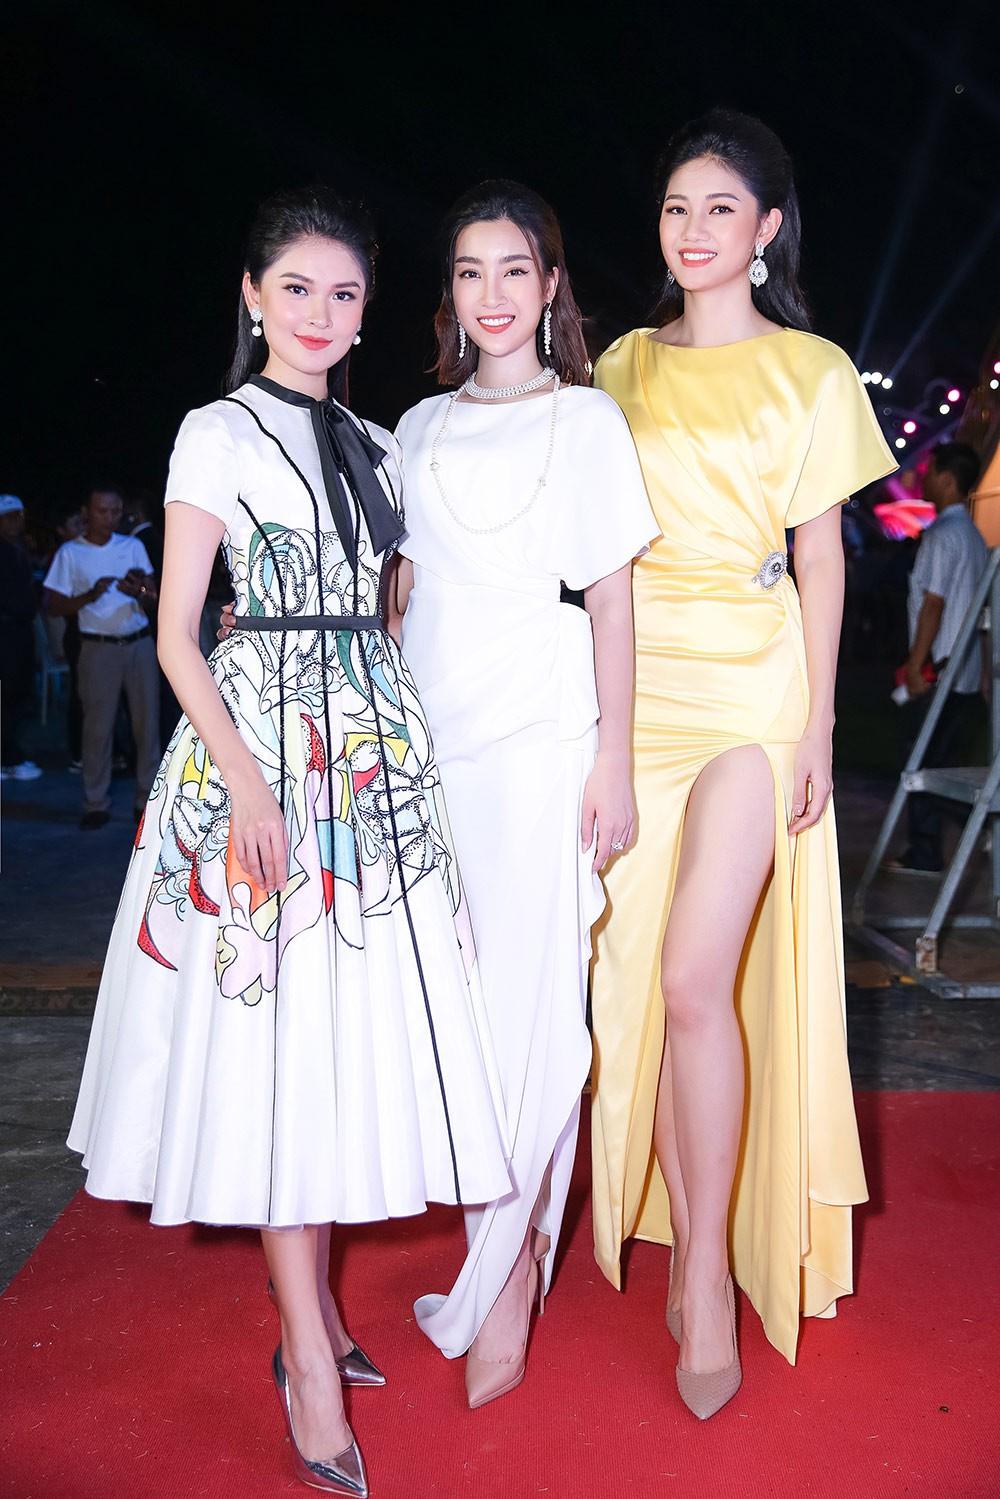 Cuộc hội ngộ hiếm có của dàn người đẹp xuất thân từ Hoa hậu Việt Nam ảnh 1